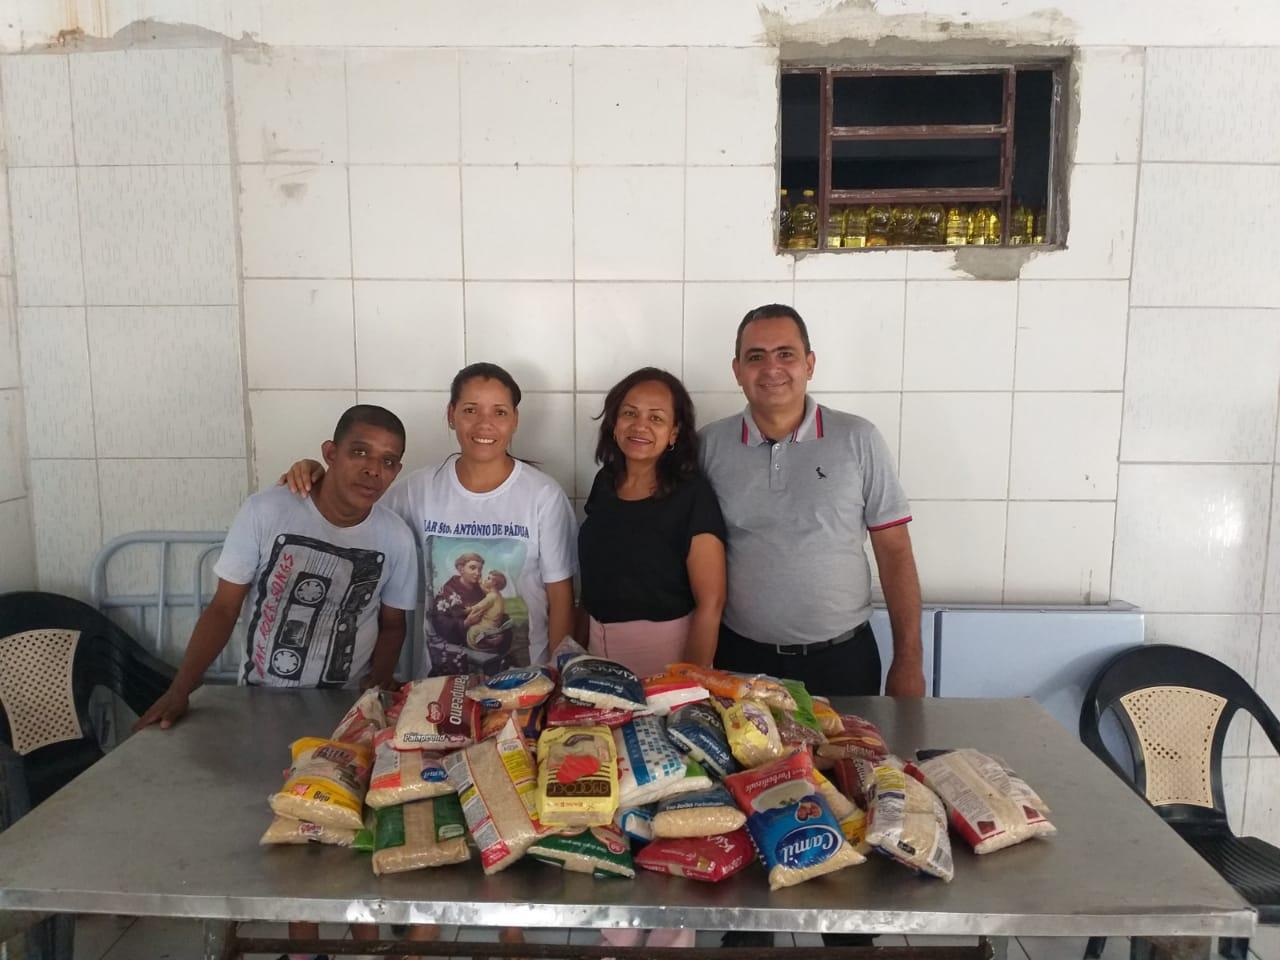 Coordenadora do PVCC doa alimentos arrecadados em eventos para o Lar Santo Antônio de Pádua